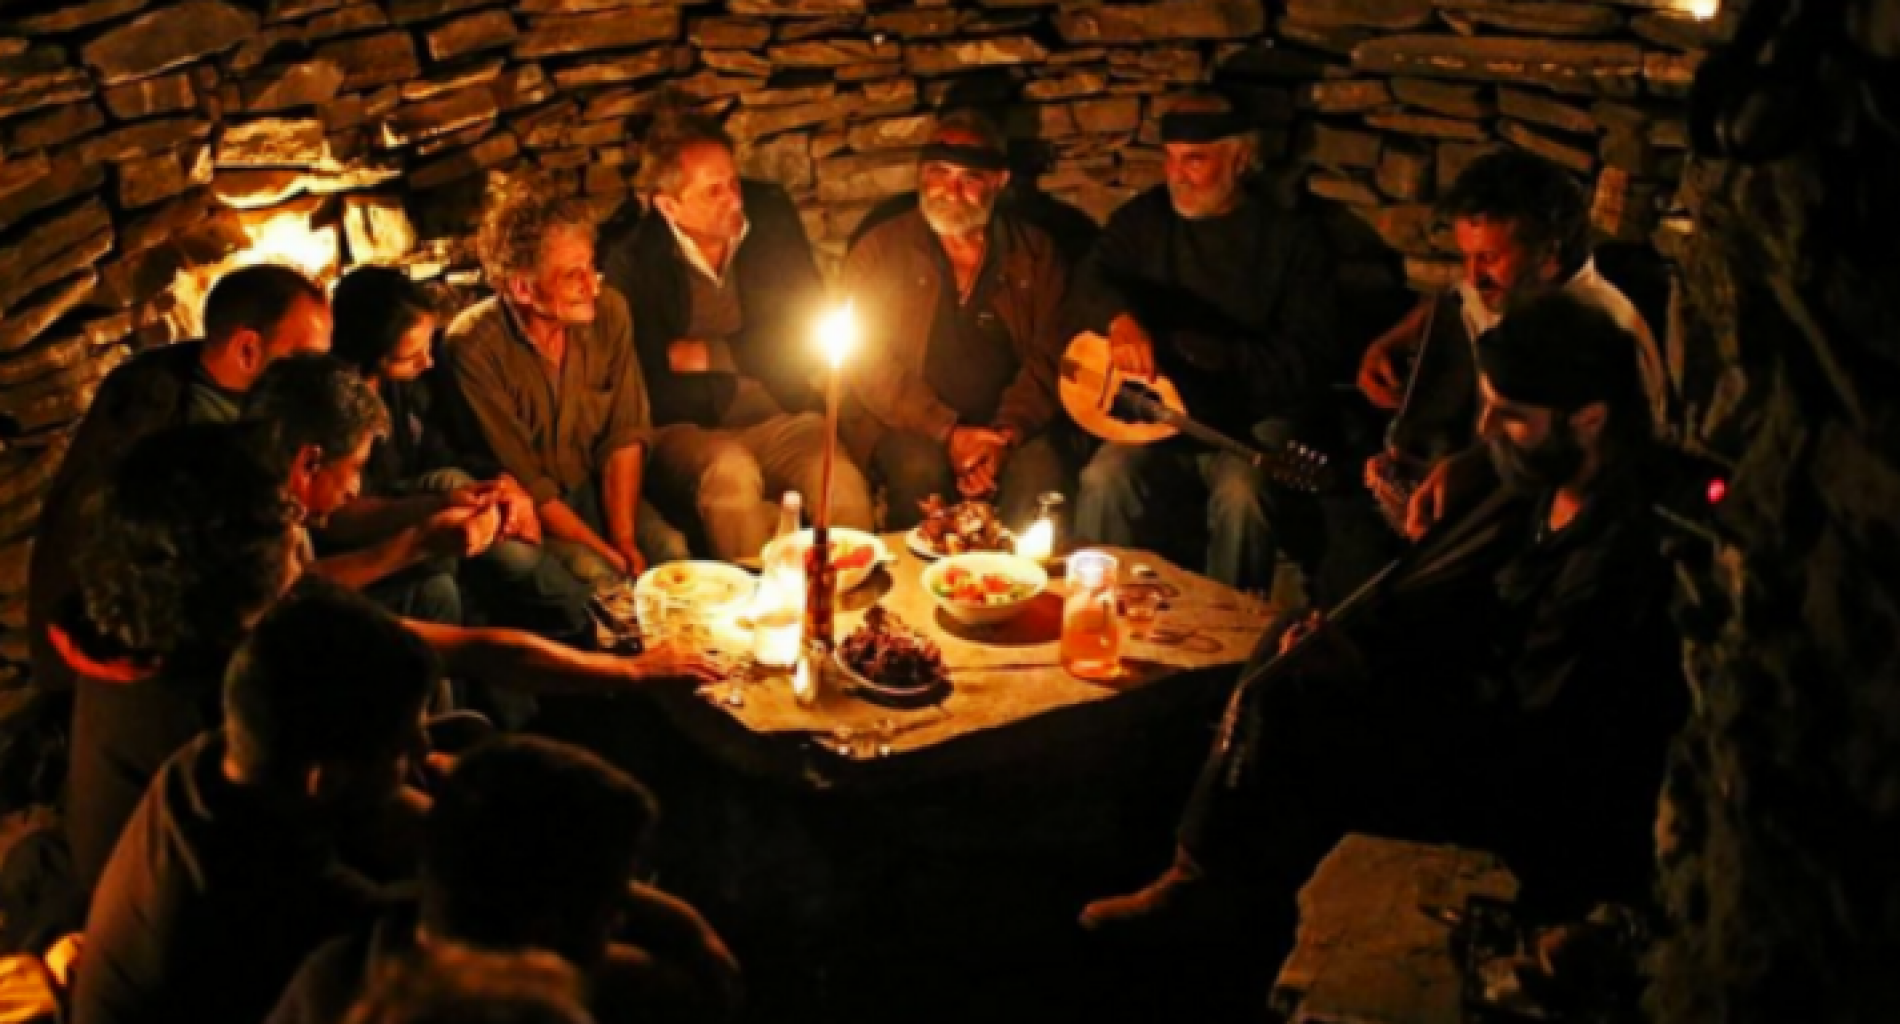 Dinner at the shepherd's hut